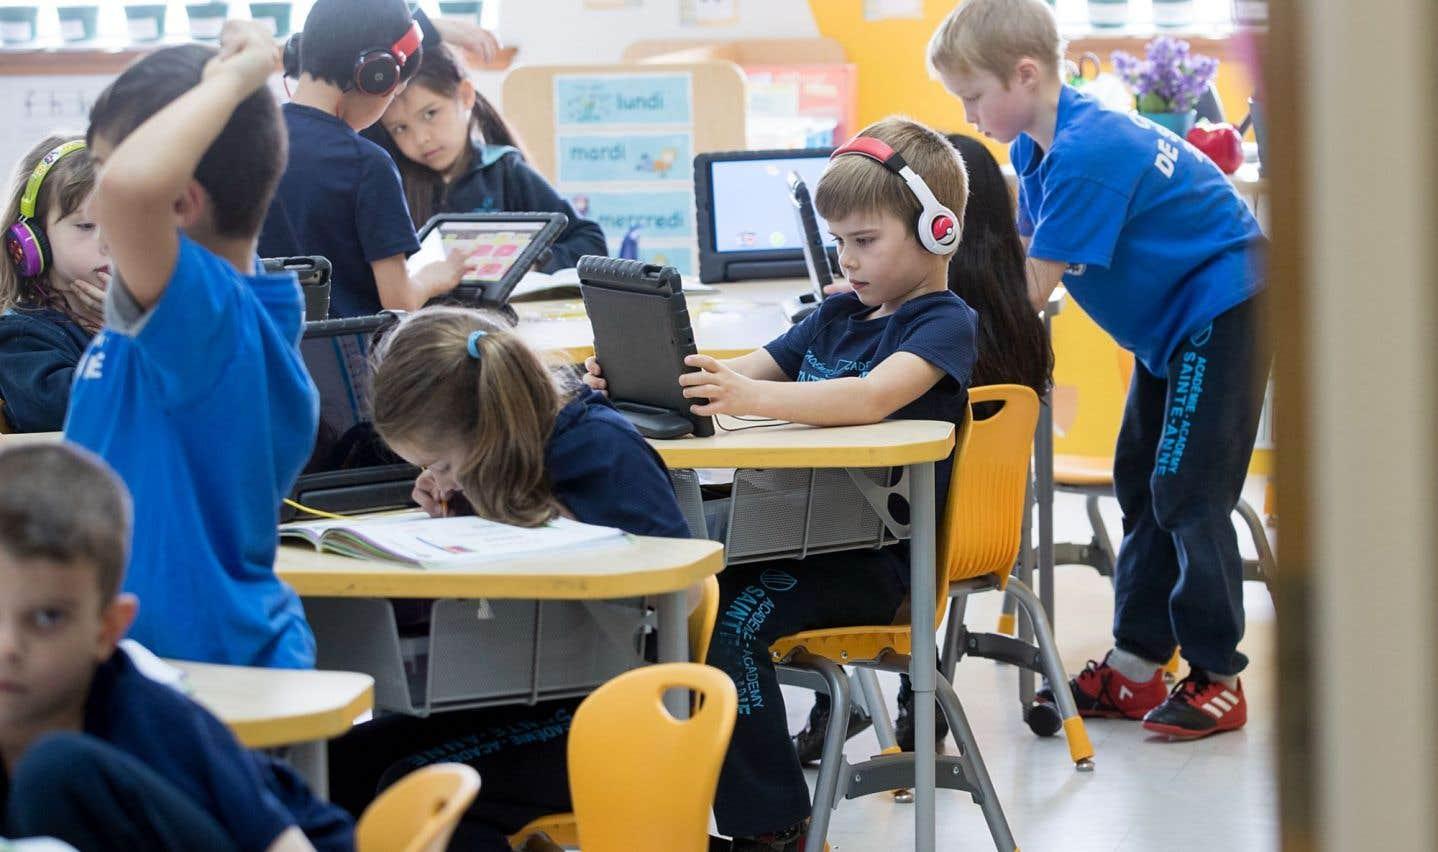 L'école privée subventionnée contribue, en ce moment, à faire avancer l'éducation au Québec. Toutefois, il y a un volet important de l'équation qu'il faut aussi examiner: sa clientèle, en provenance de milieux socio-économiques favorisés.